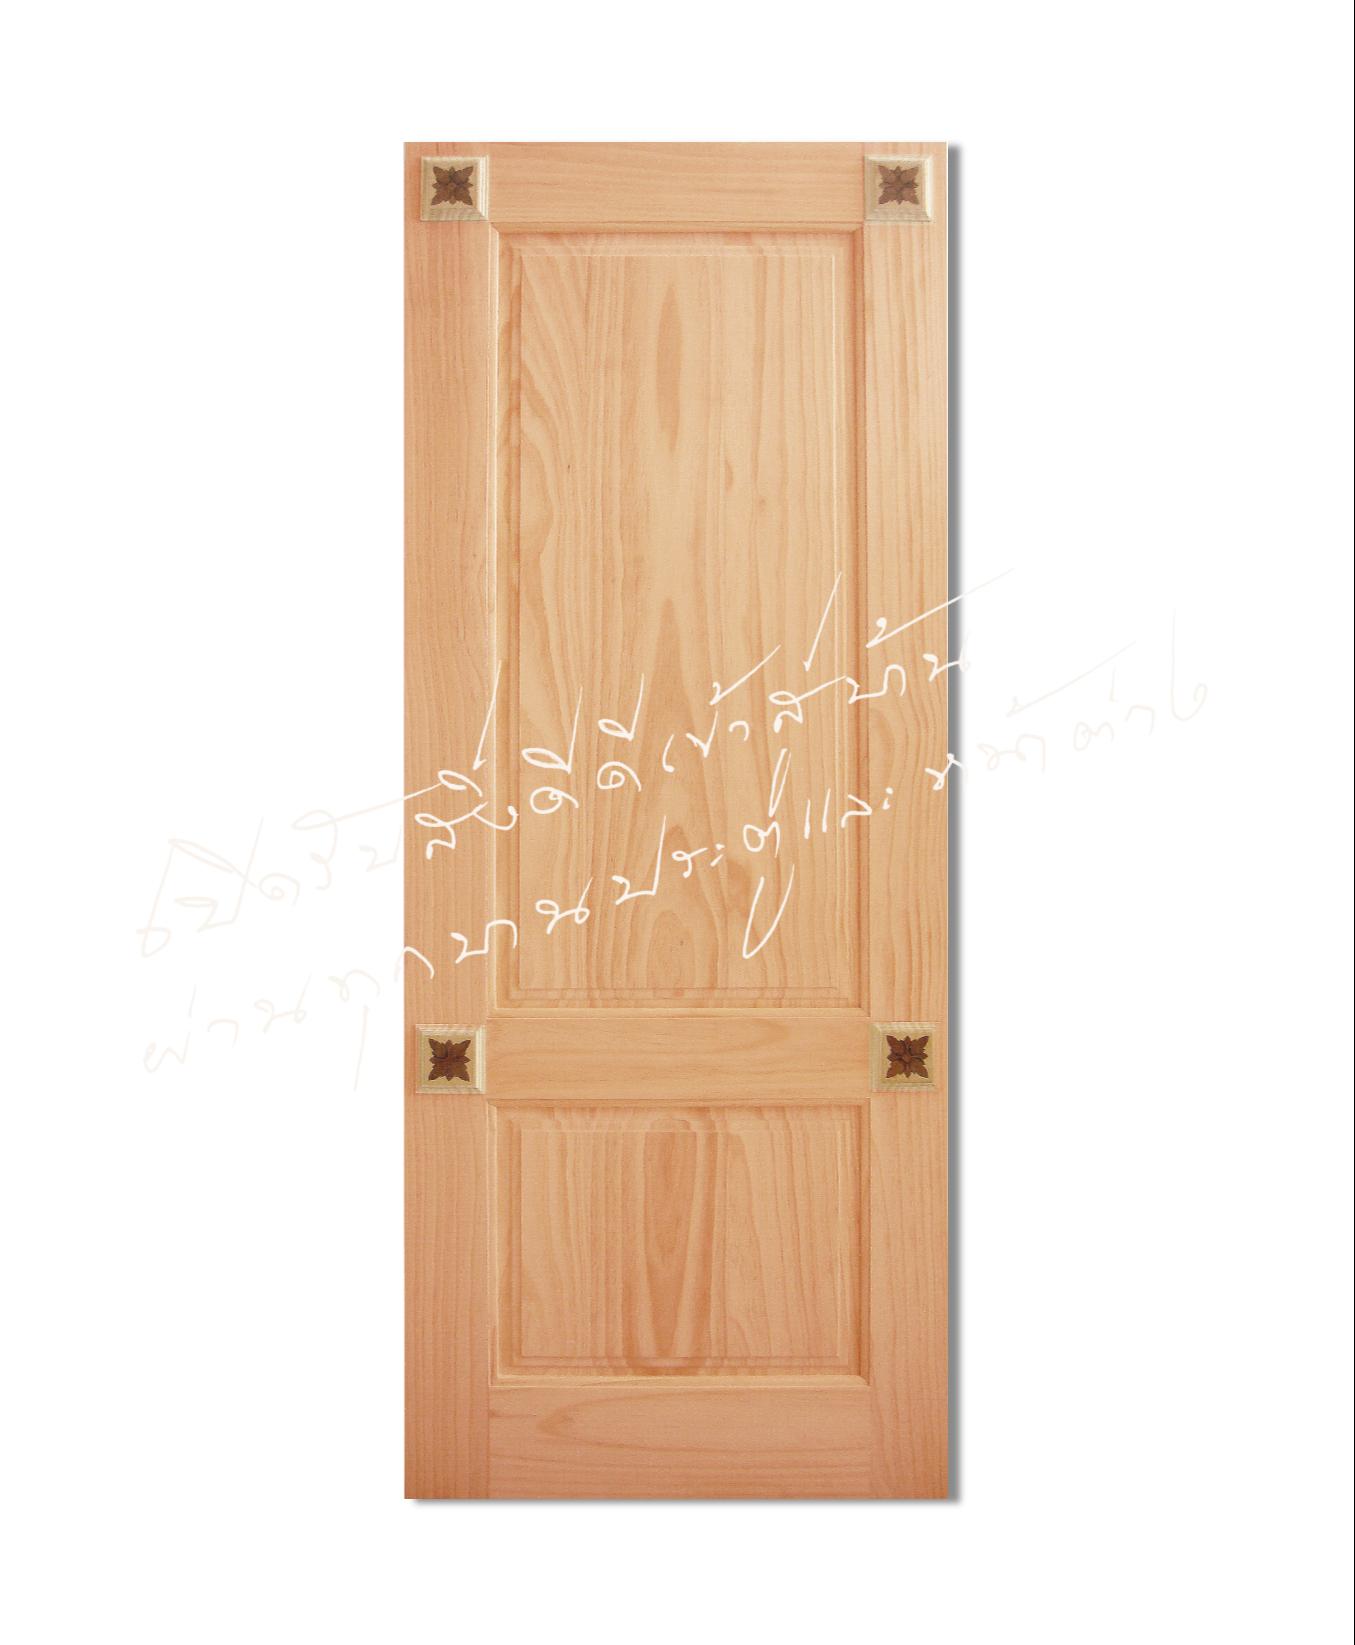 INLAY-19 ประตูไม้จริง ไม้สนนิวซีแลนด์